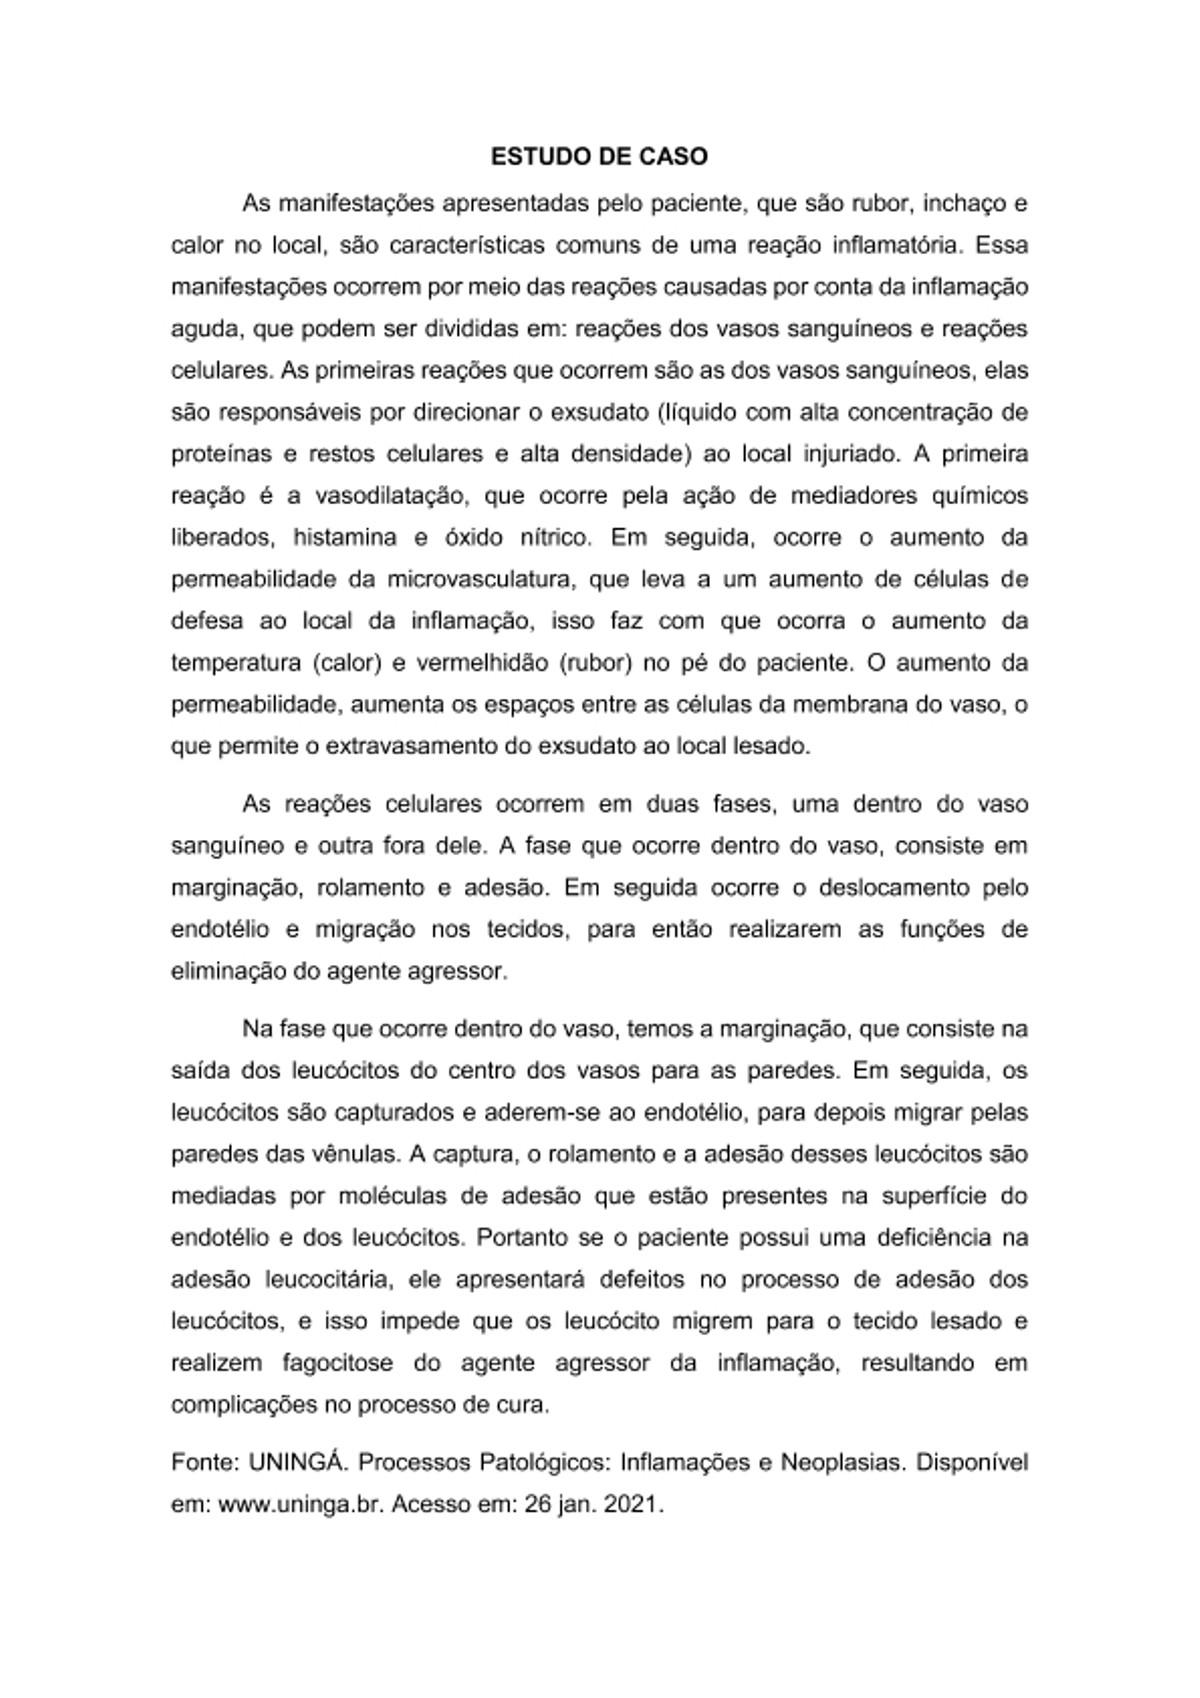 Pre-visualização do material ESTUDO DE CASO Processos Patológicos - página 1